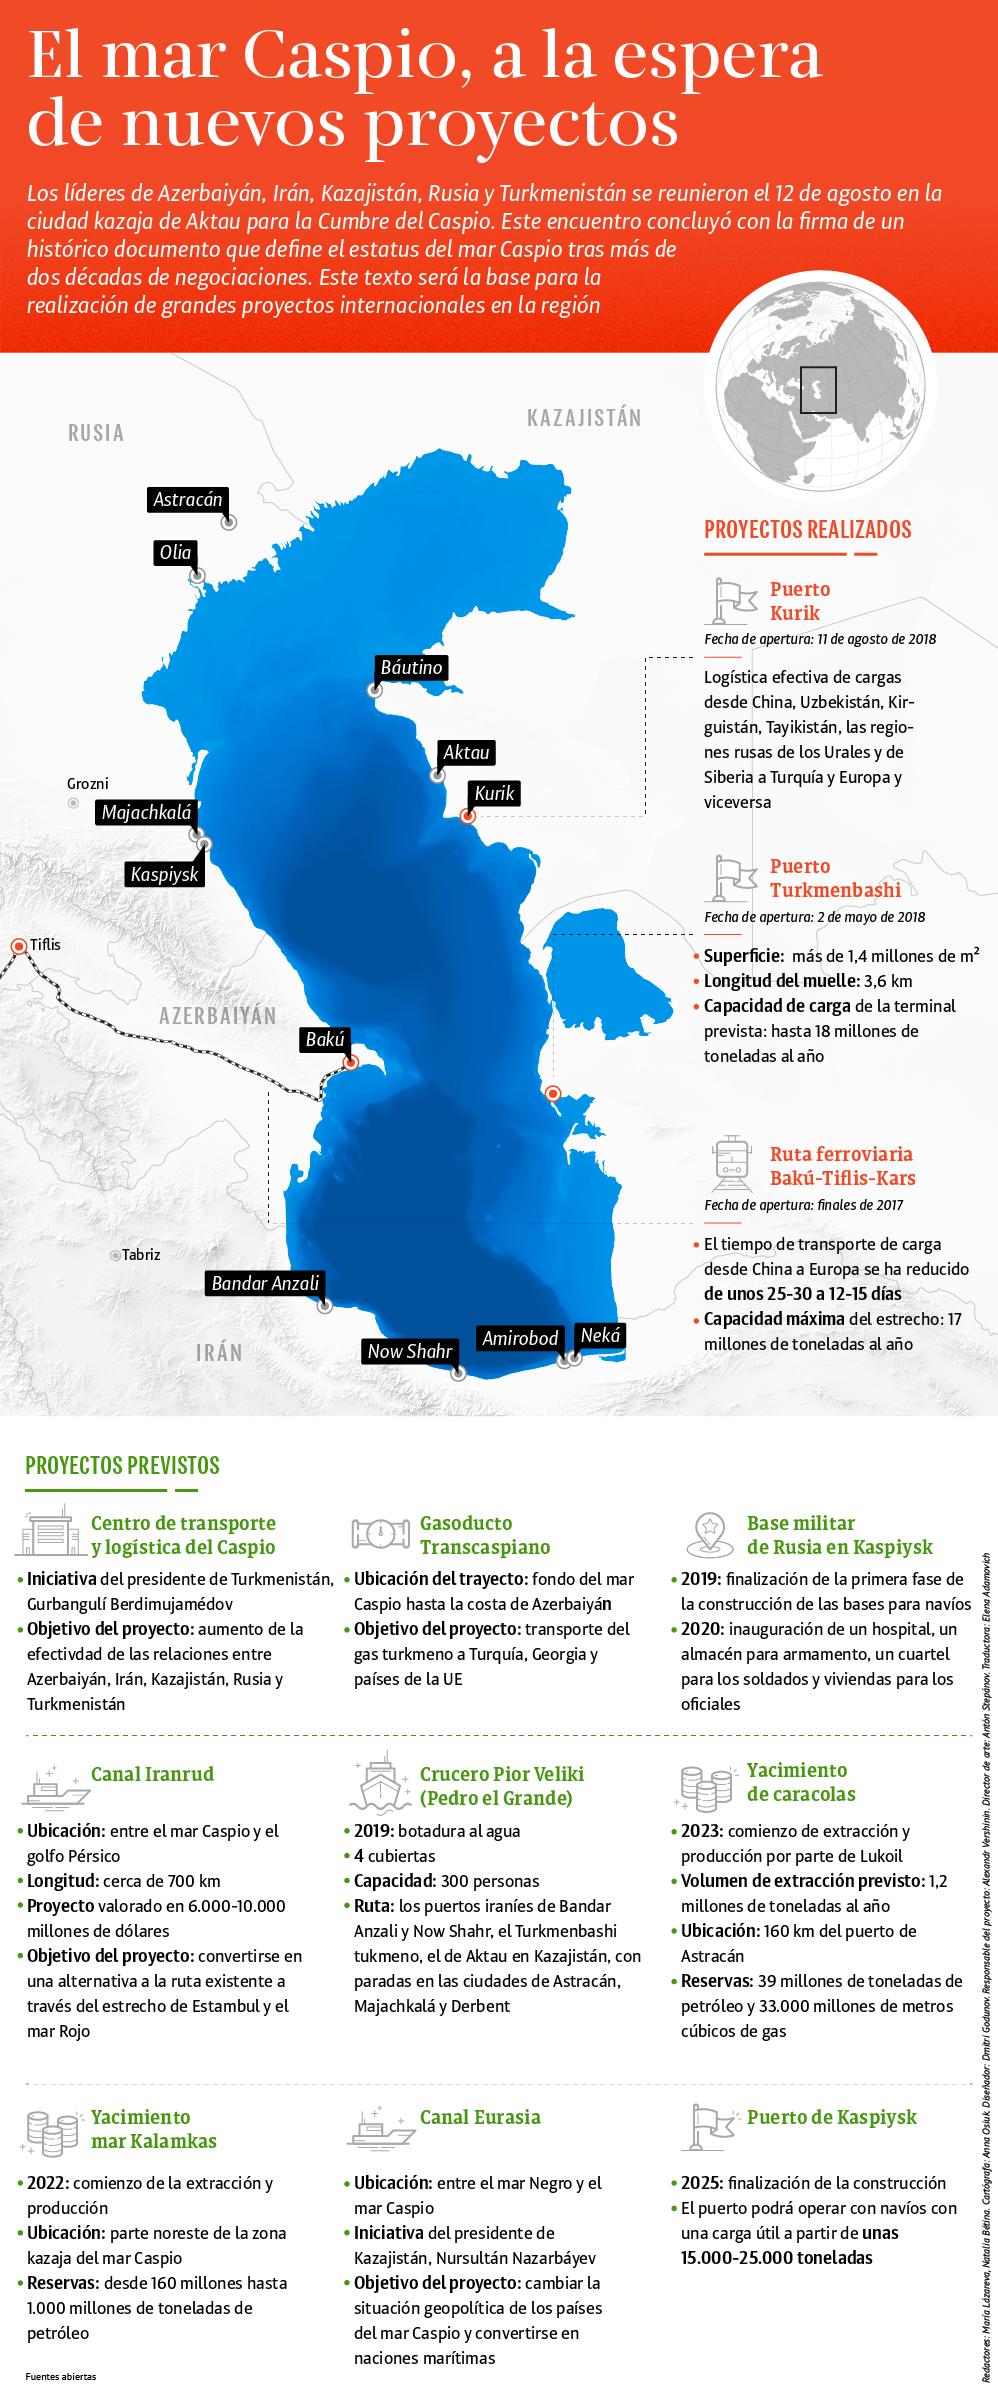 El mar Caspio, a la espera de nuevos proyectos